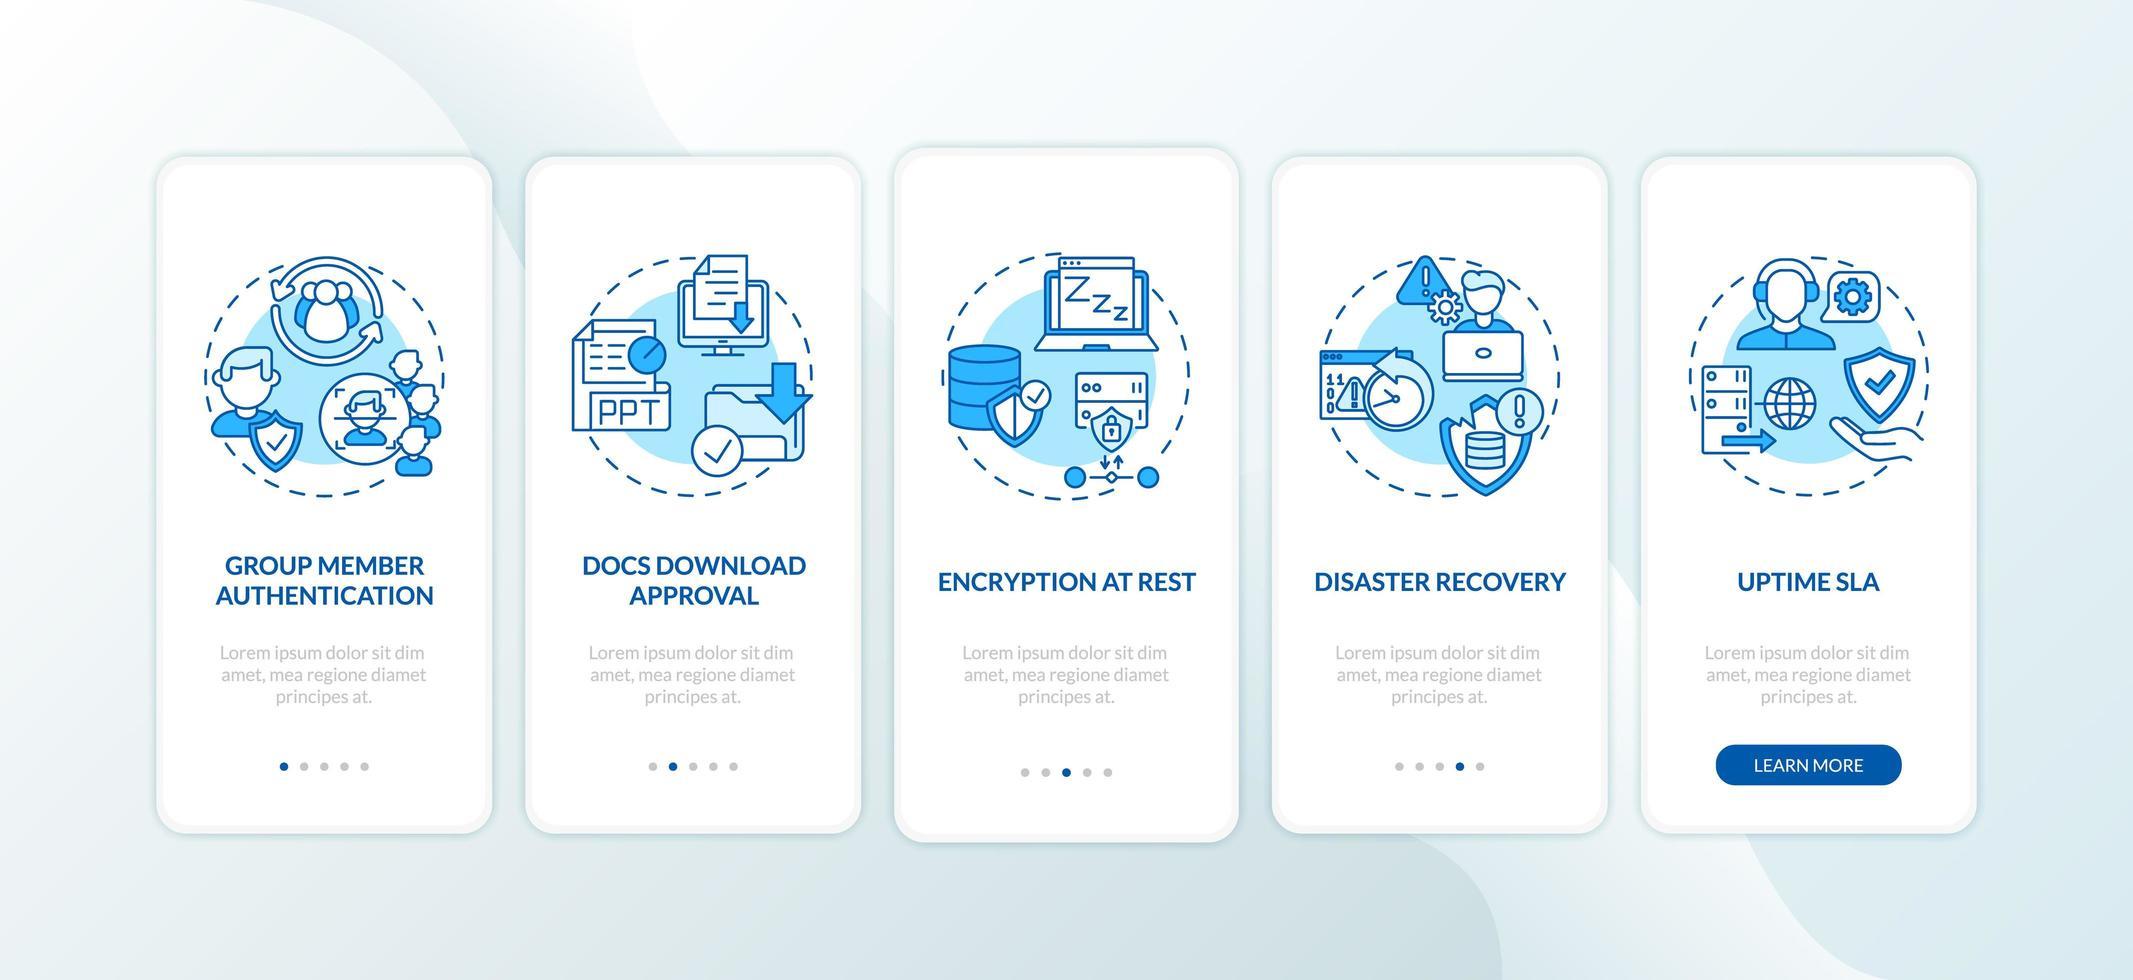 Sicherheitsparameter des Remote-Job-Tools Onboarding des Bildschirms der mobilen App-Seite mit Konzepten vektor